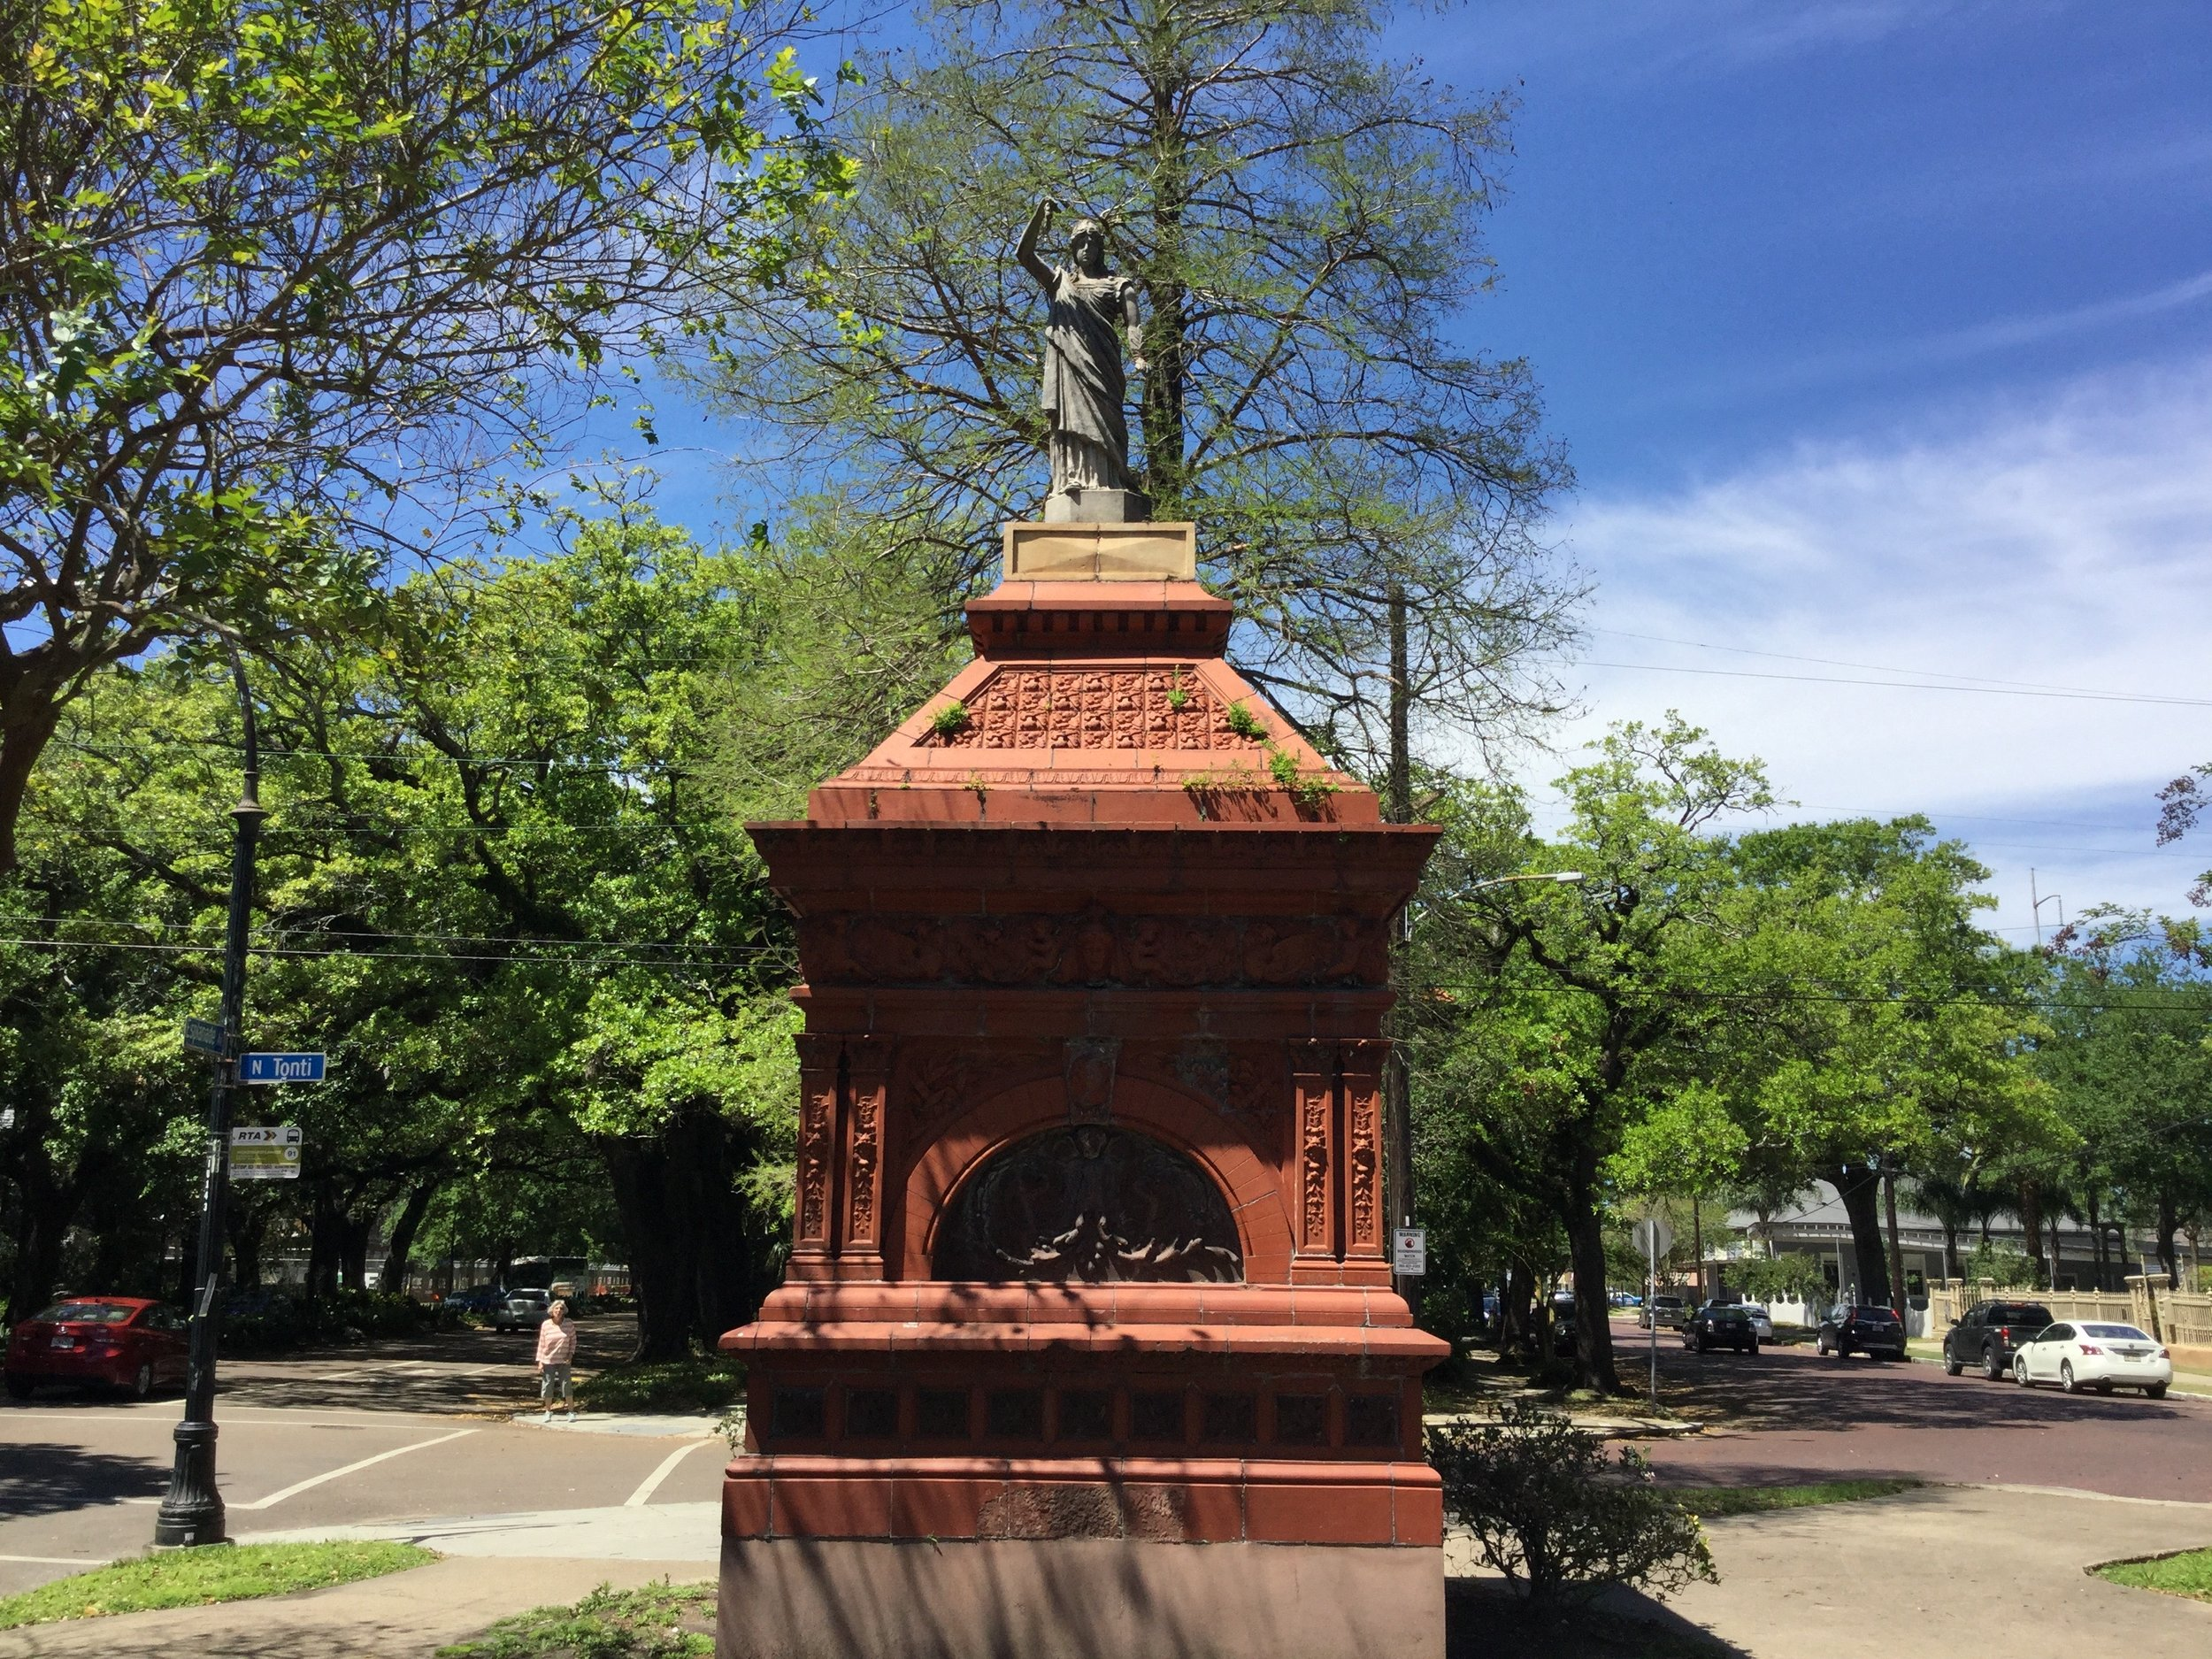 Statue of Clio, Gayarré Place, Esplanade Avenue,New Orleans, LA.